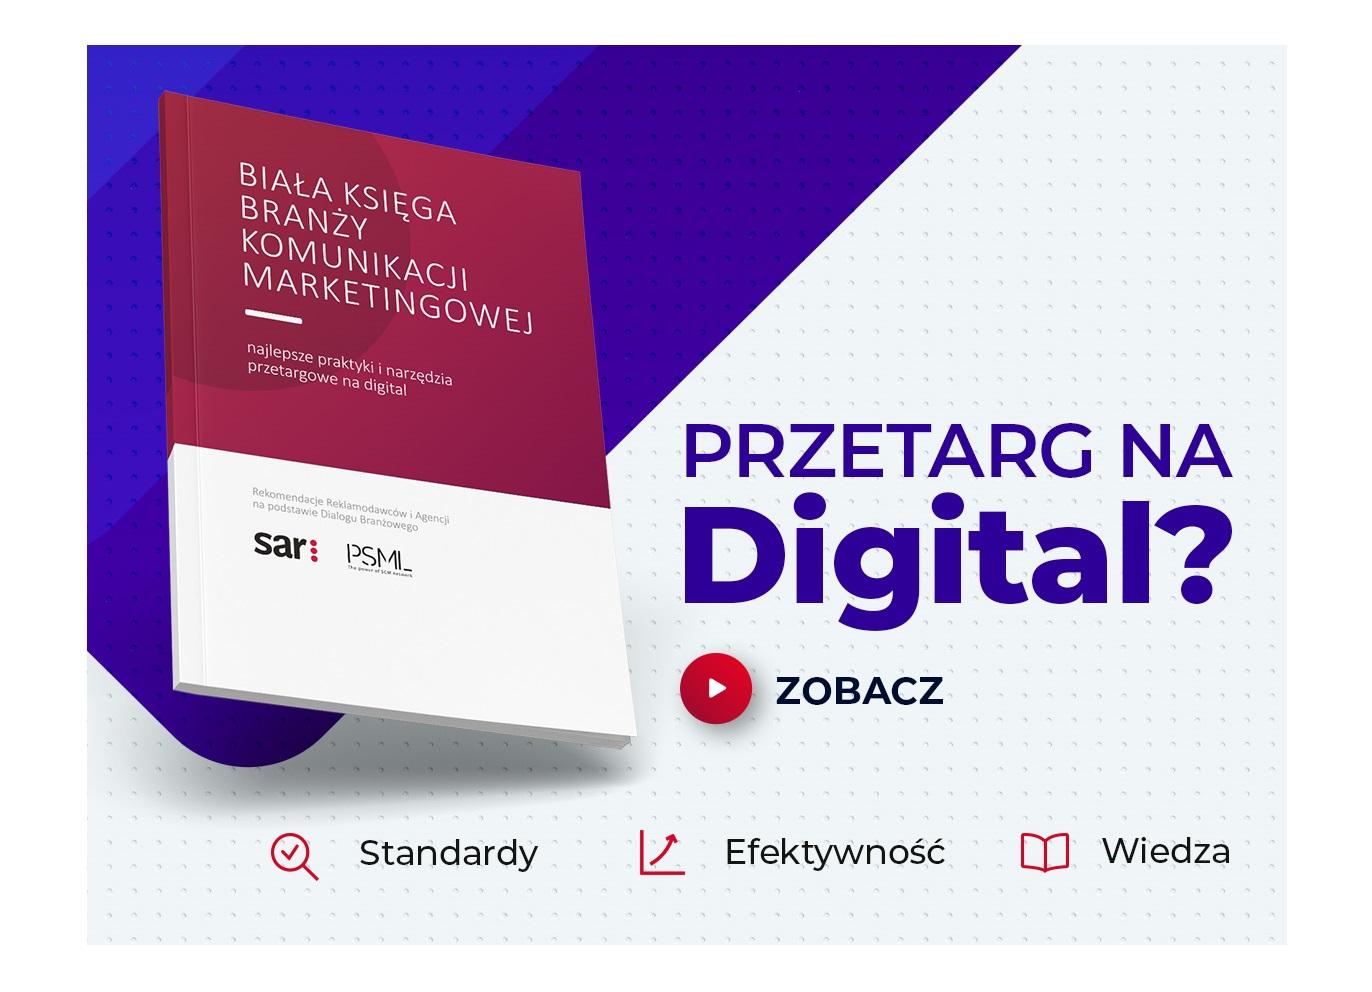 Biała Księga Digital – ostatnia publikacja w ramach  Dialogu Branżowego już dostępna